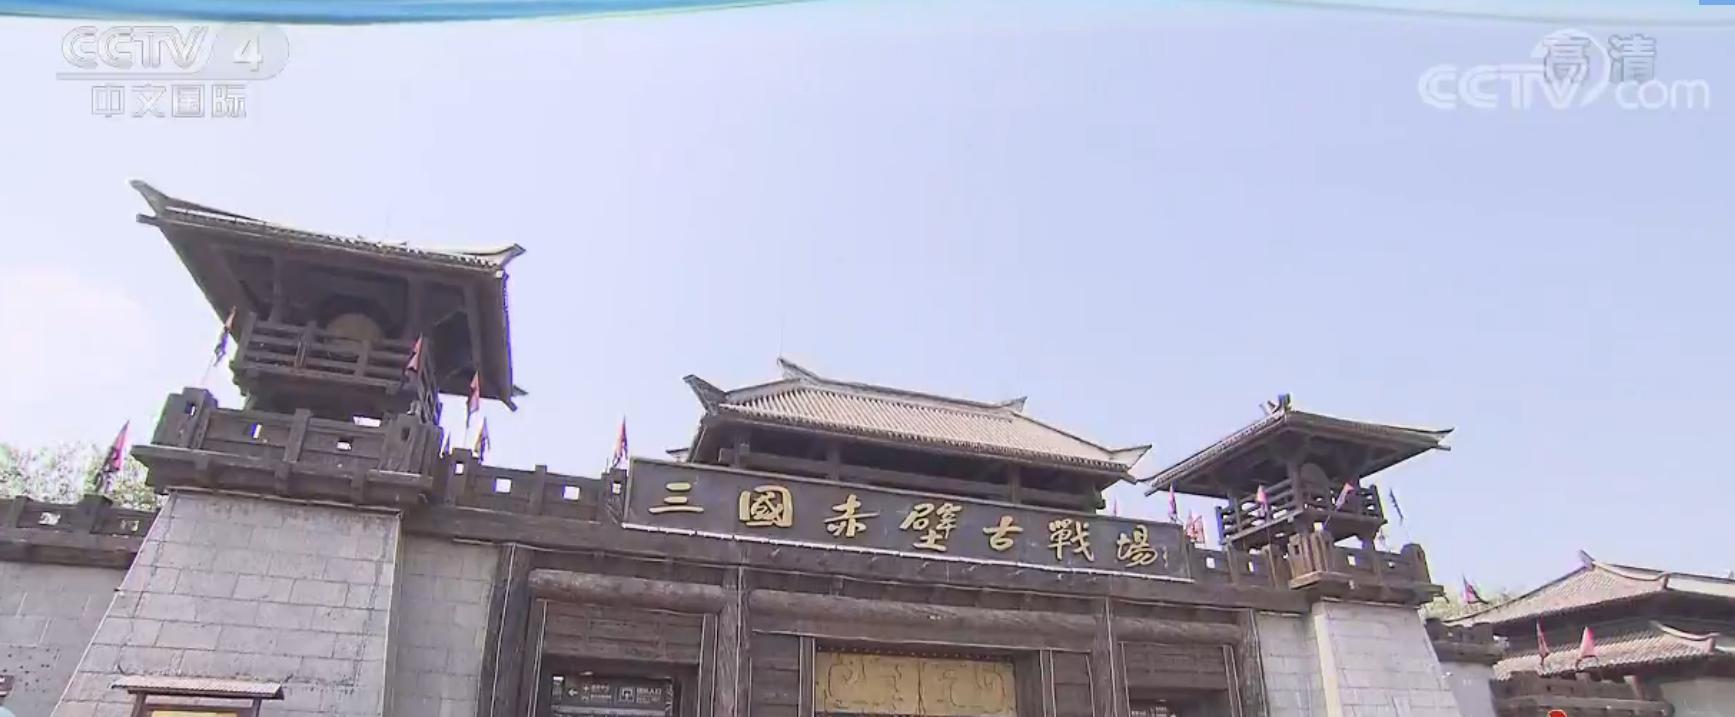 《远方的家》 长江行(57) 赤壁古风 嘉鱼新貌